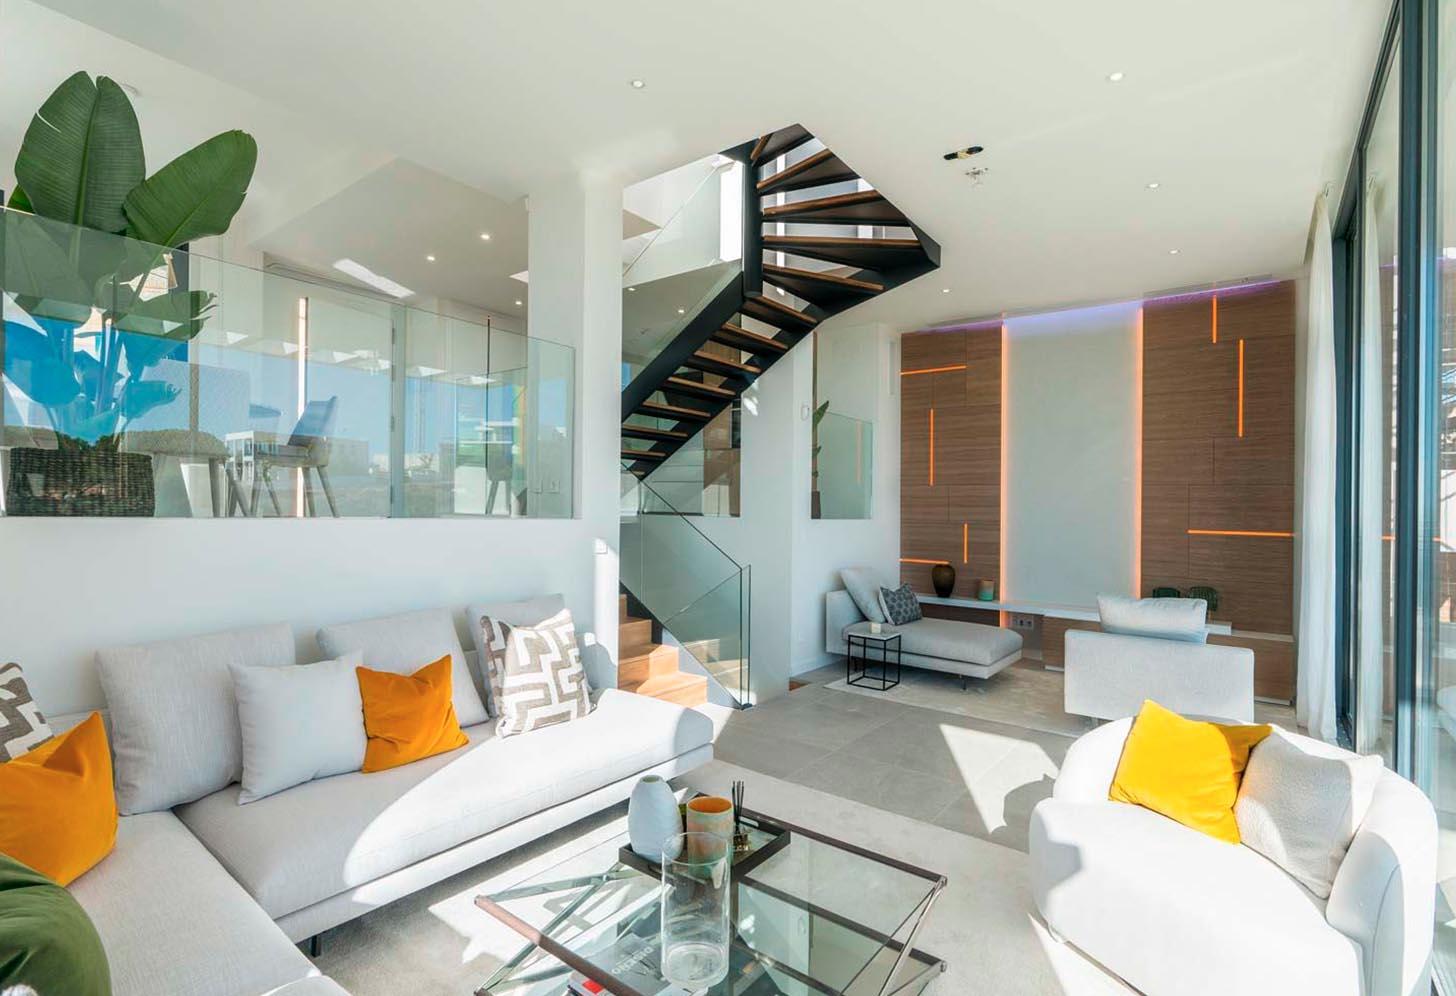 immobilier neuf espagne costa sol marbella salon